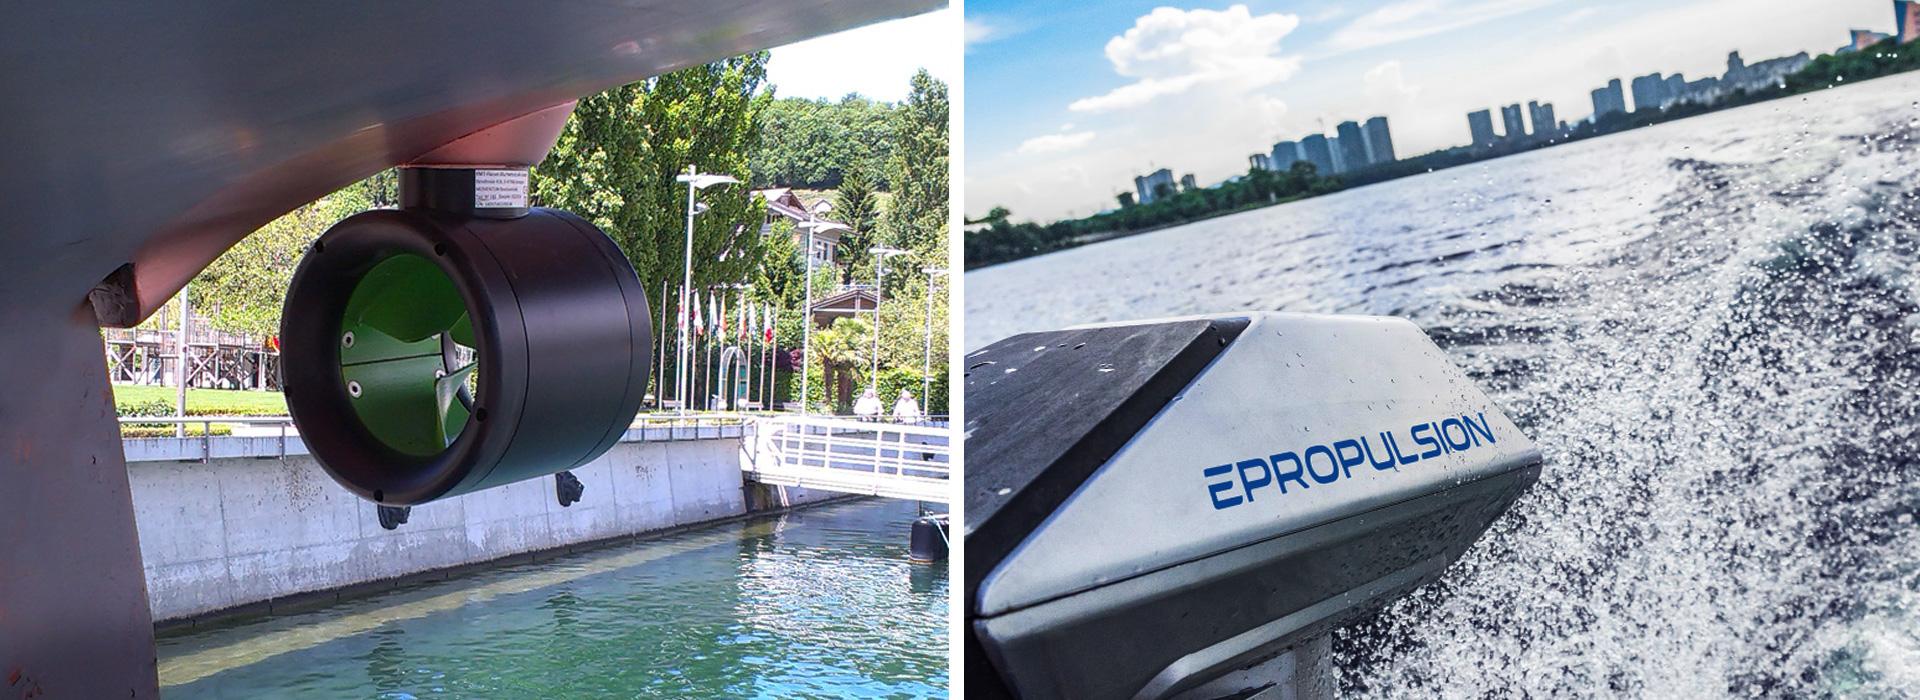 Sportboote und Yachten. Deutschland und Österreich. Sportboothandel und Service.